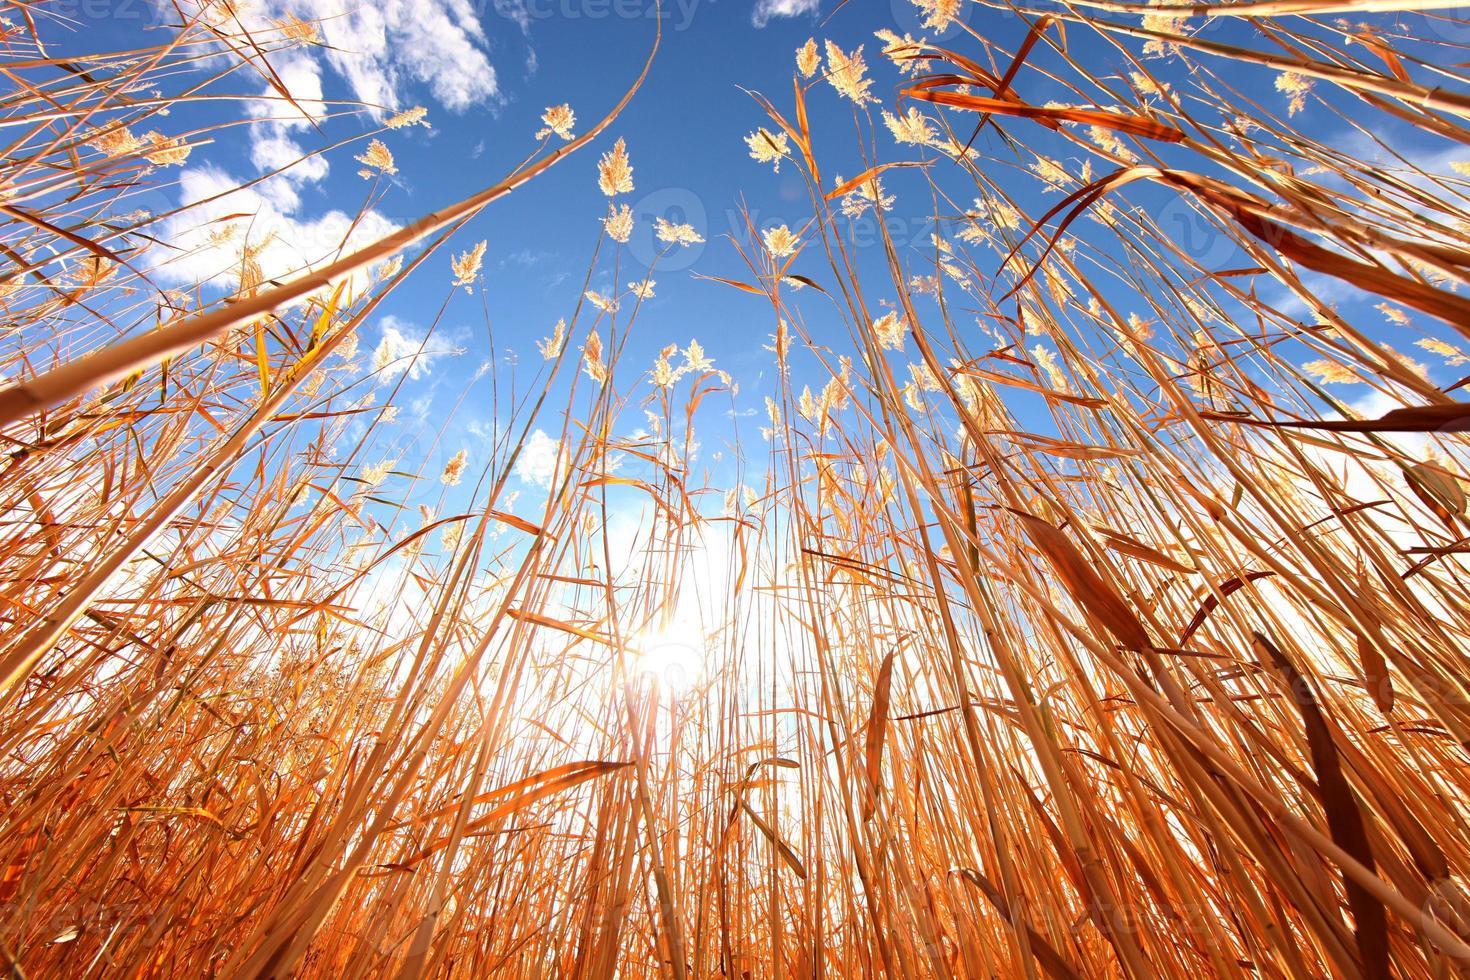 pasto de trigo al aire libre en un día soleado foto